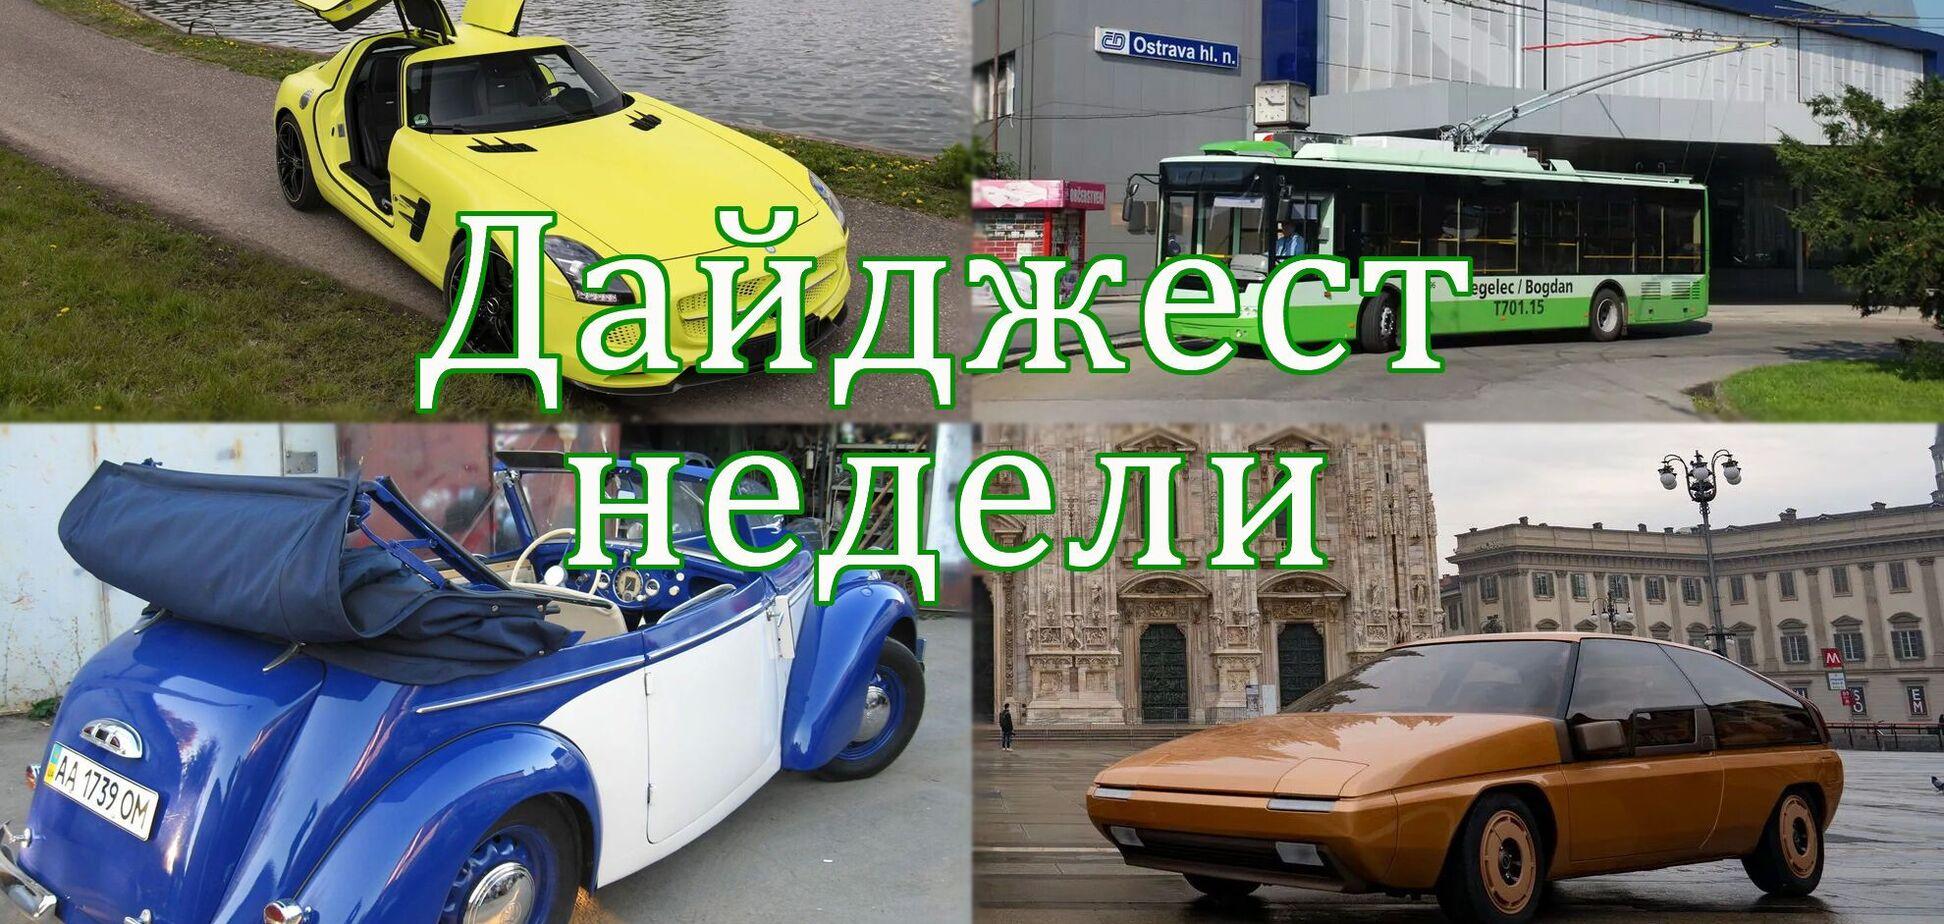 'Богданы' для Чехии, золотая Tesla и Skoda 1939 года: главное за неделю